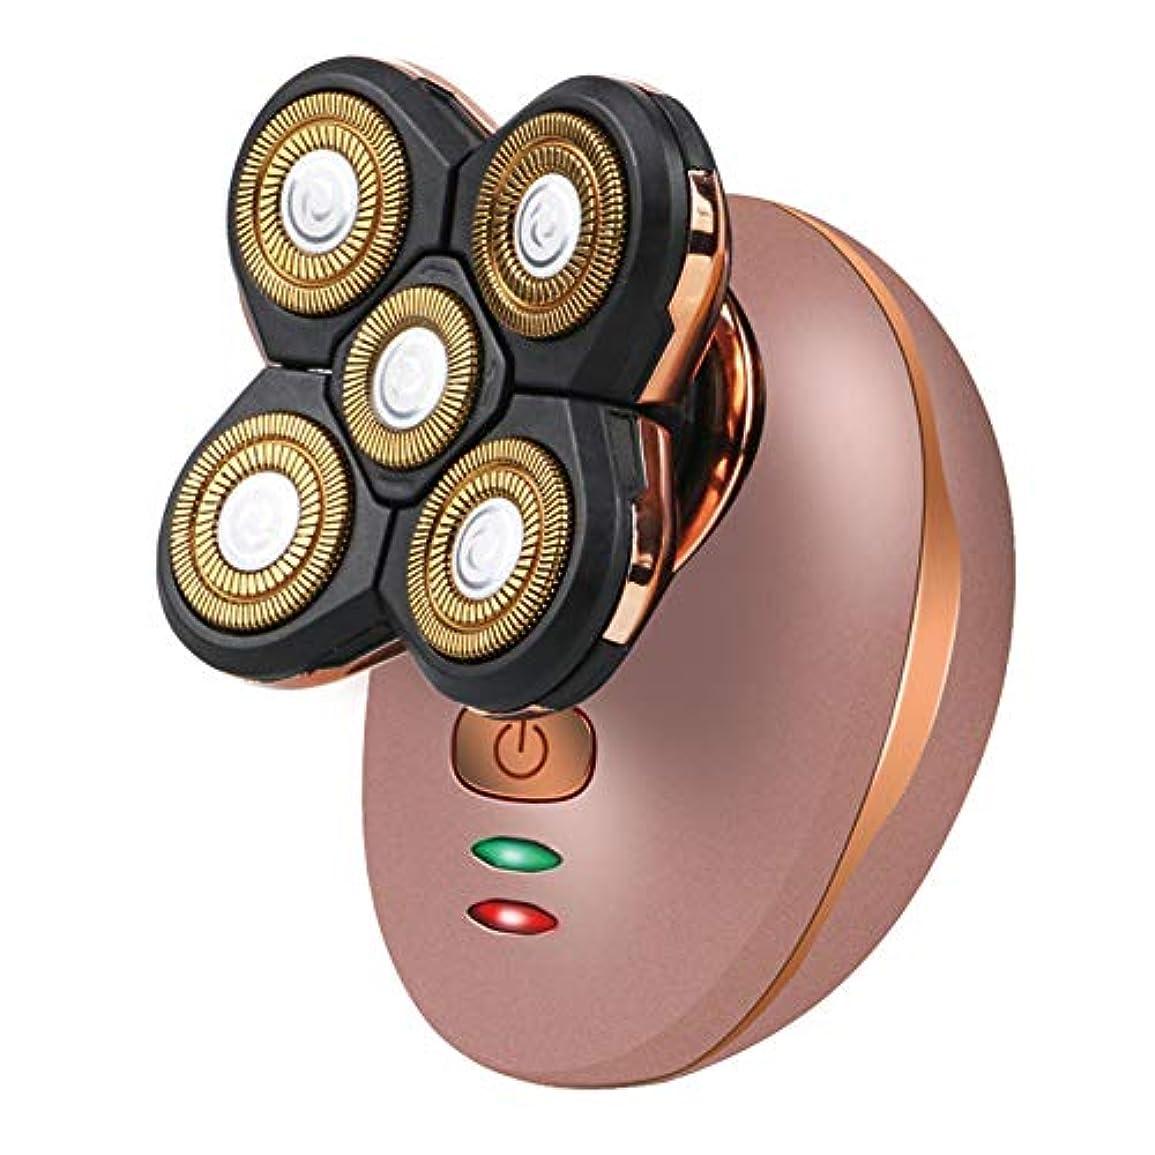 積分意志に反するライラック携帯用完璧なヘッド脚顔のひげ除去剤かみそり、コードレス電気防水かみそり、5フローティングヘッドUSB充電かみそり,Gold